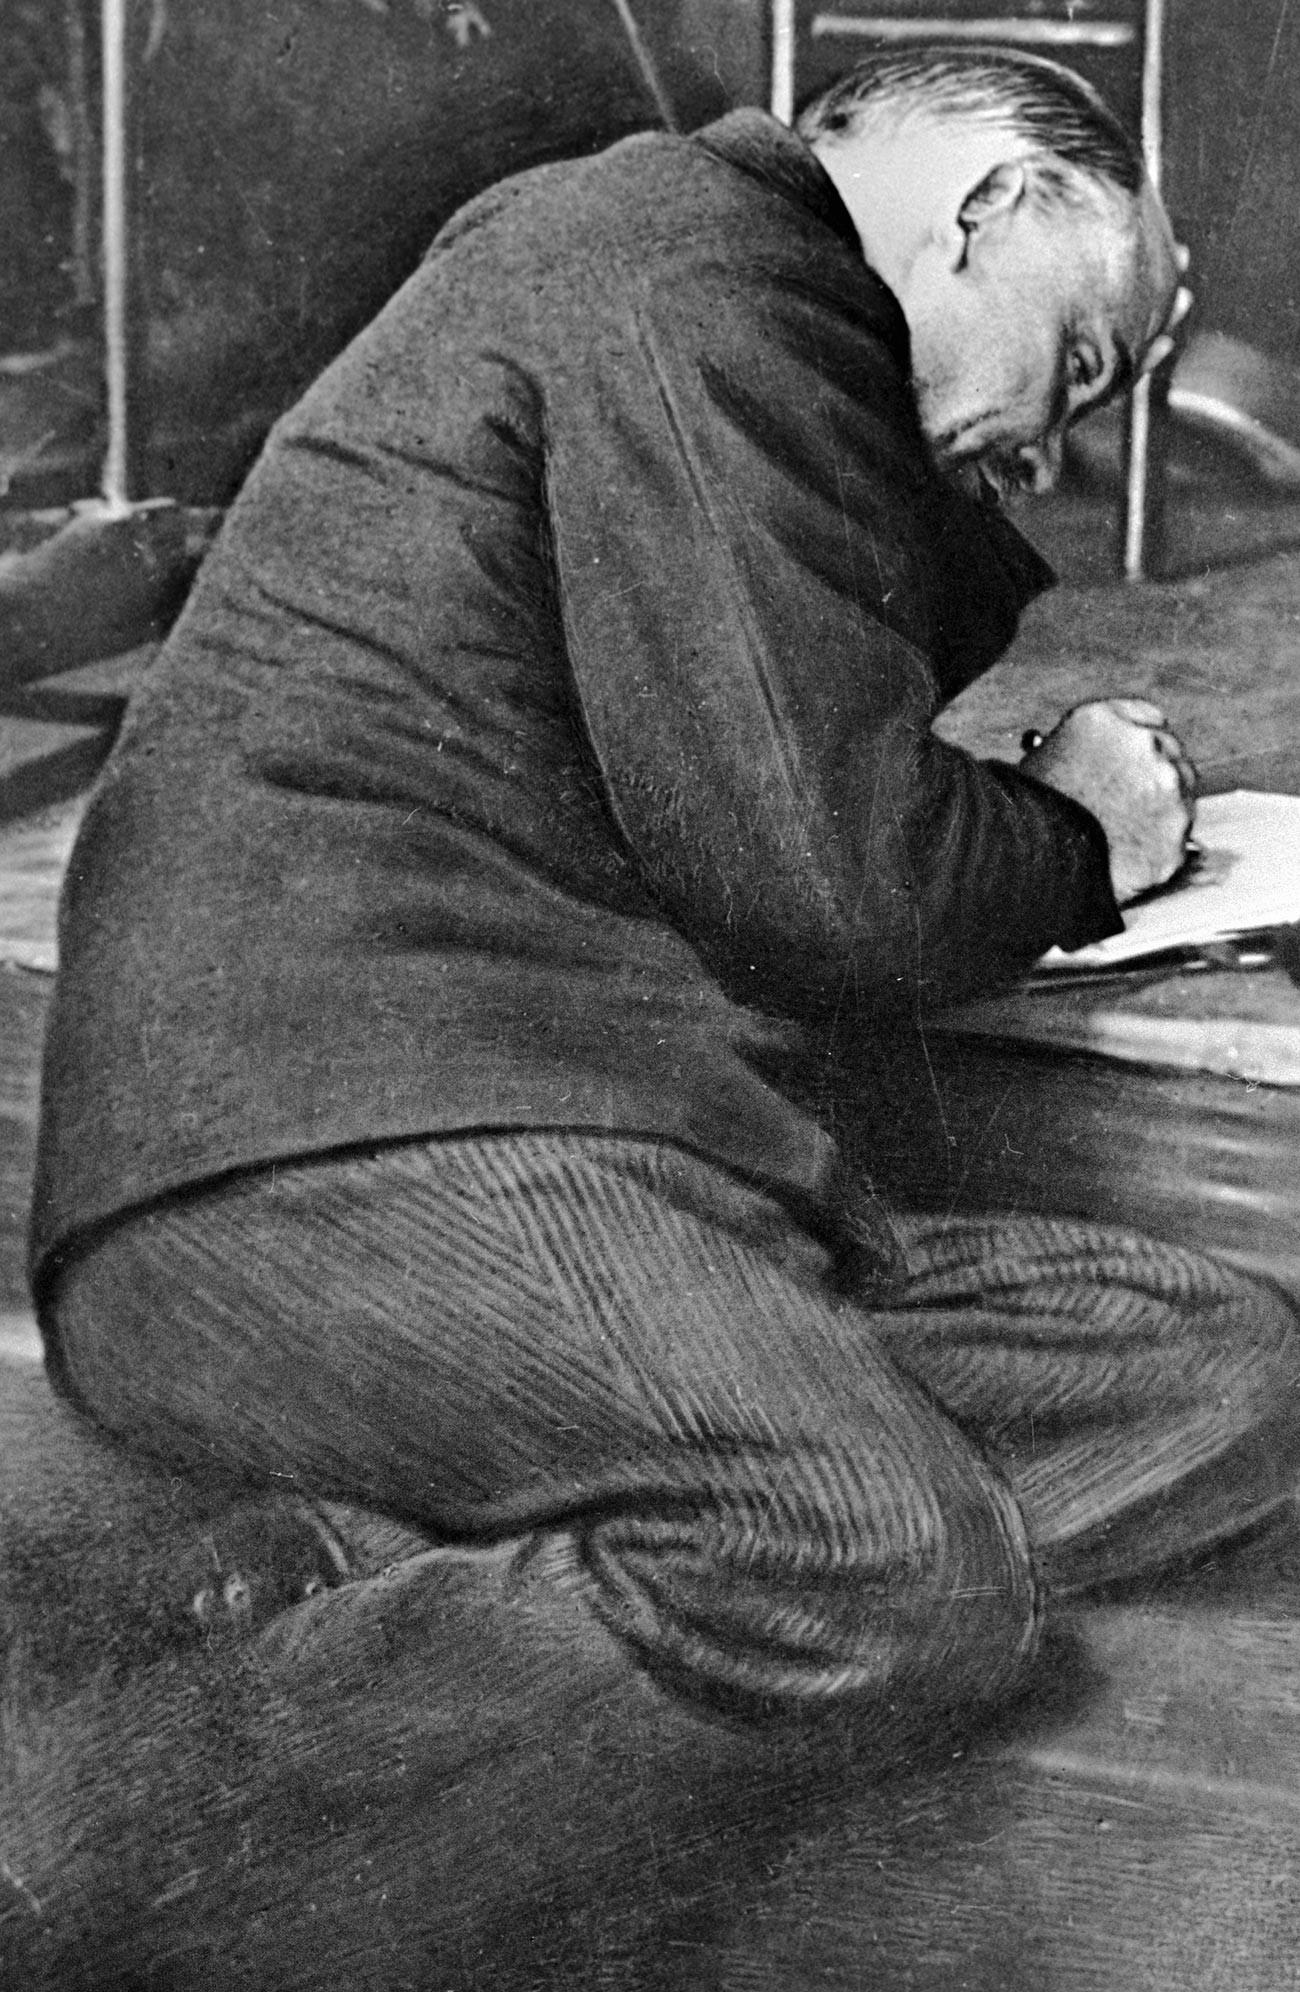 ウラジーミル・レーニンが第3回コミンテルン大会前